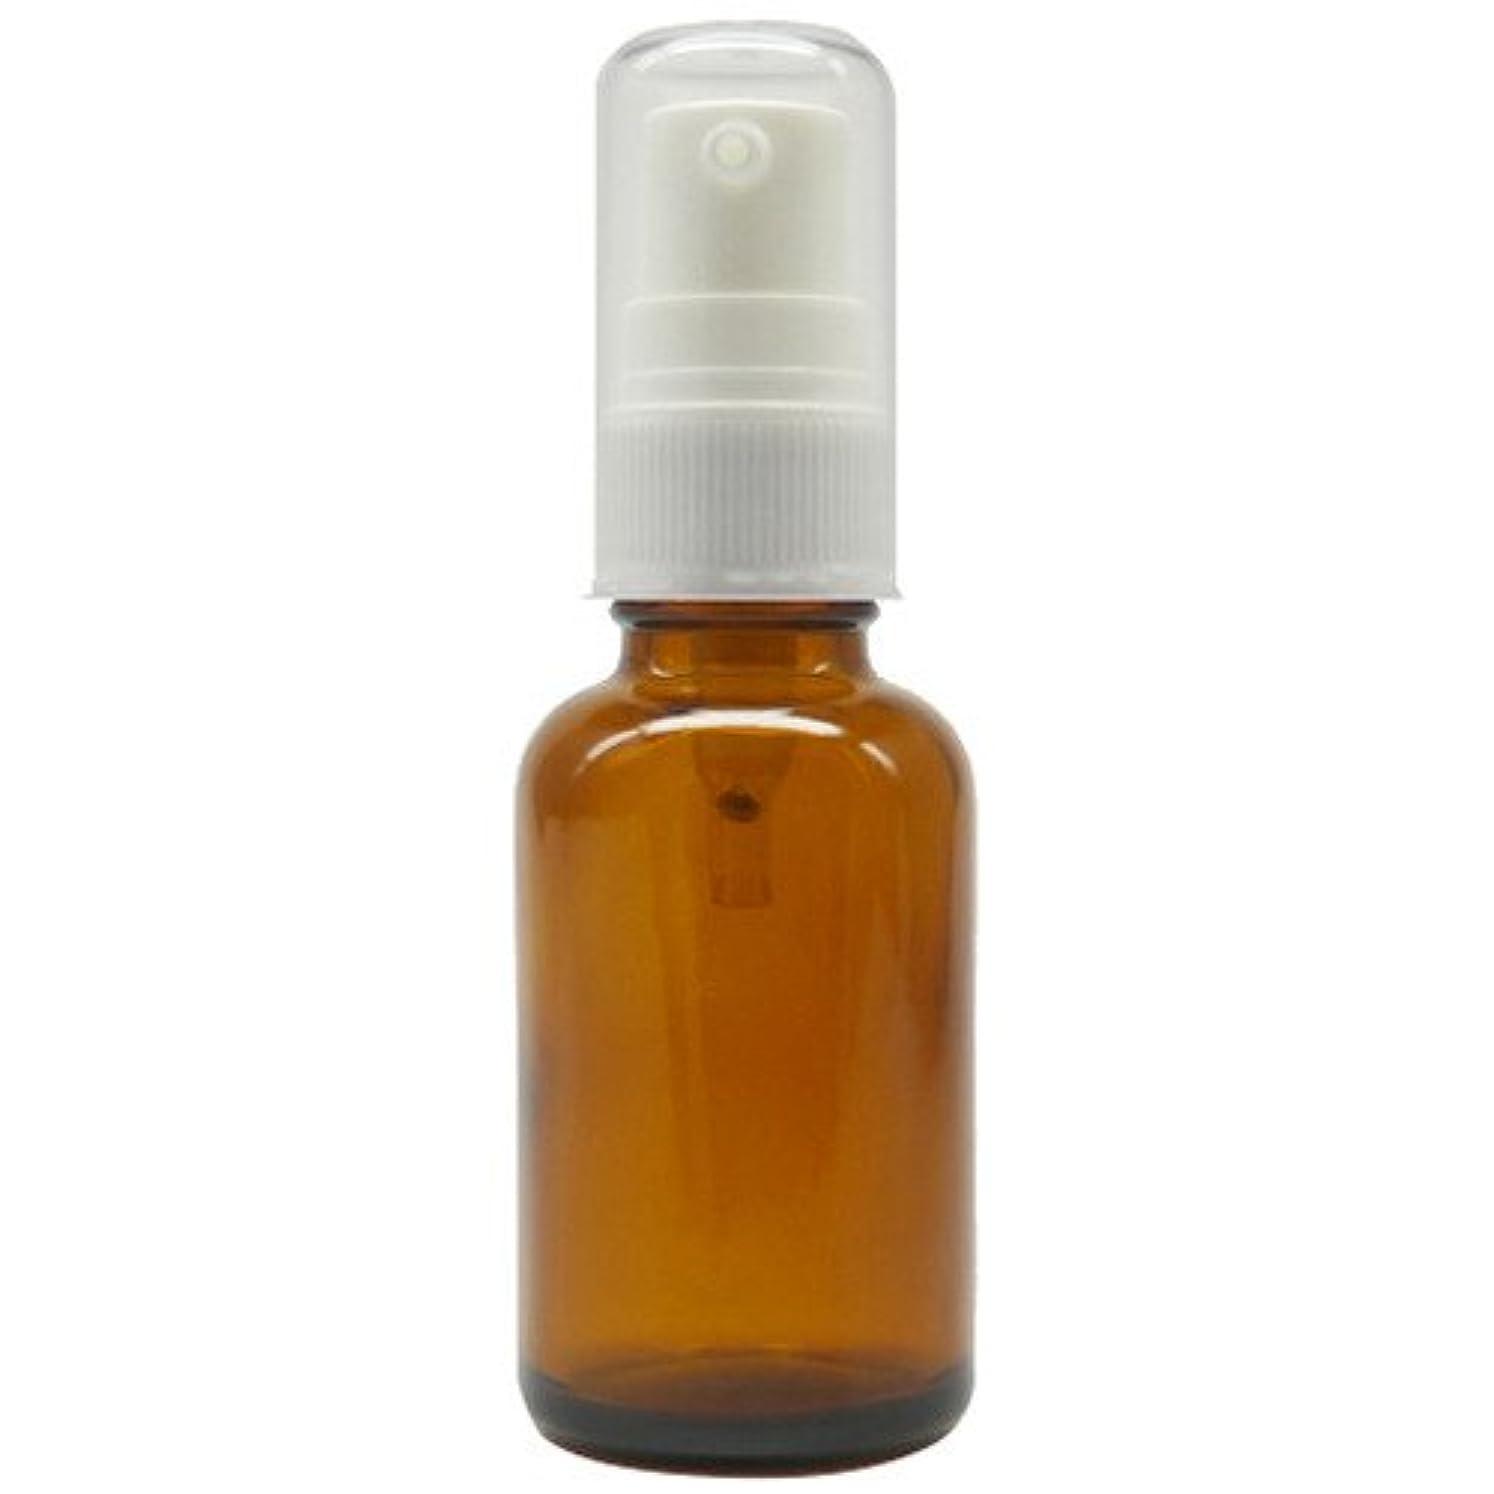 間タップ残酷なアロマアンドライフ (D)茶褐色ポンプ瓶30ml 3本セット